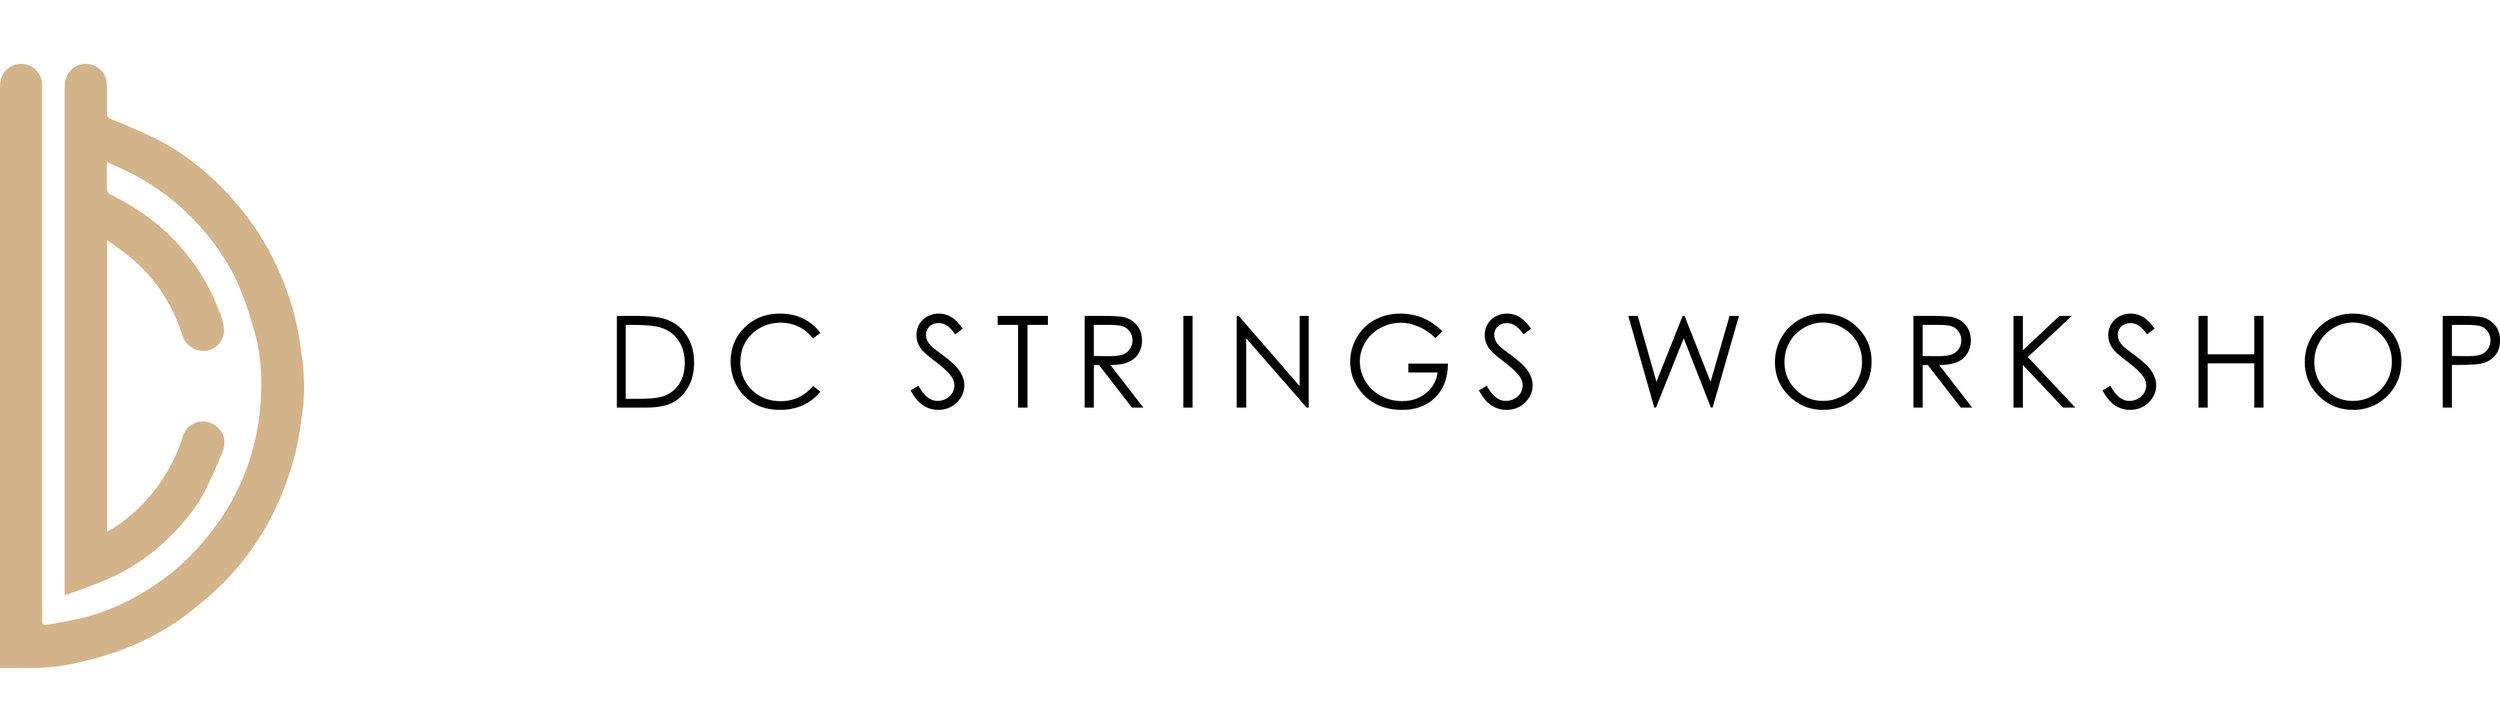 DC-StringsWorkshop (1).jpg